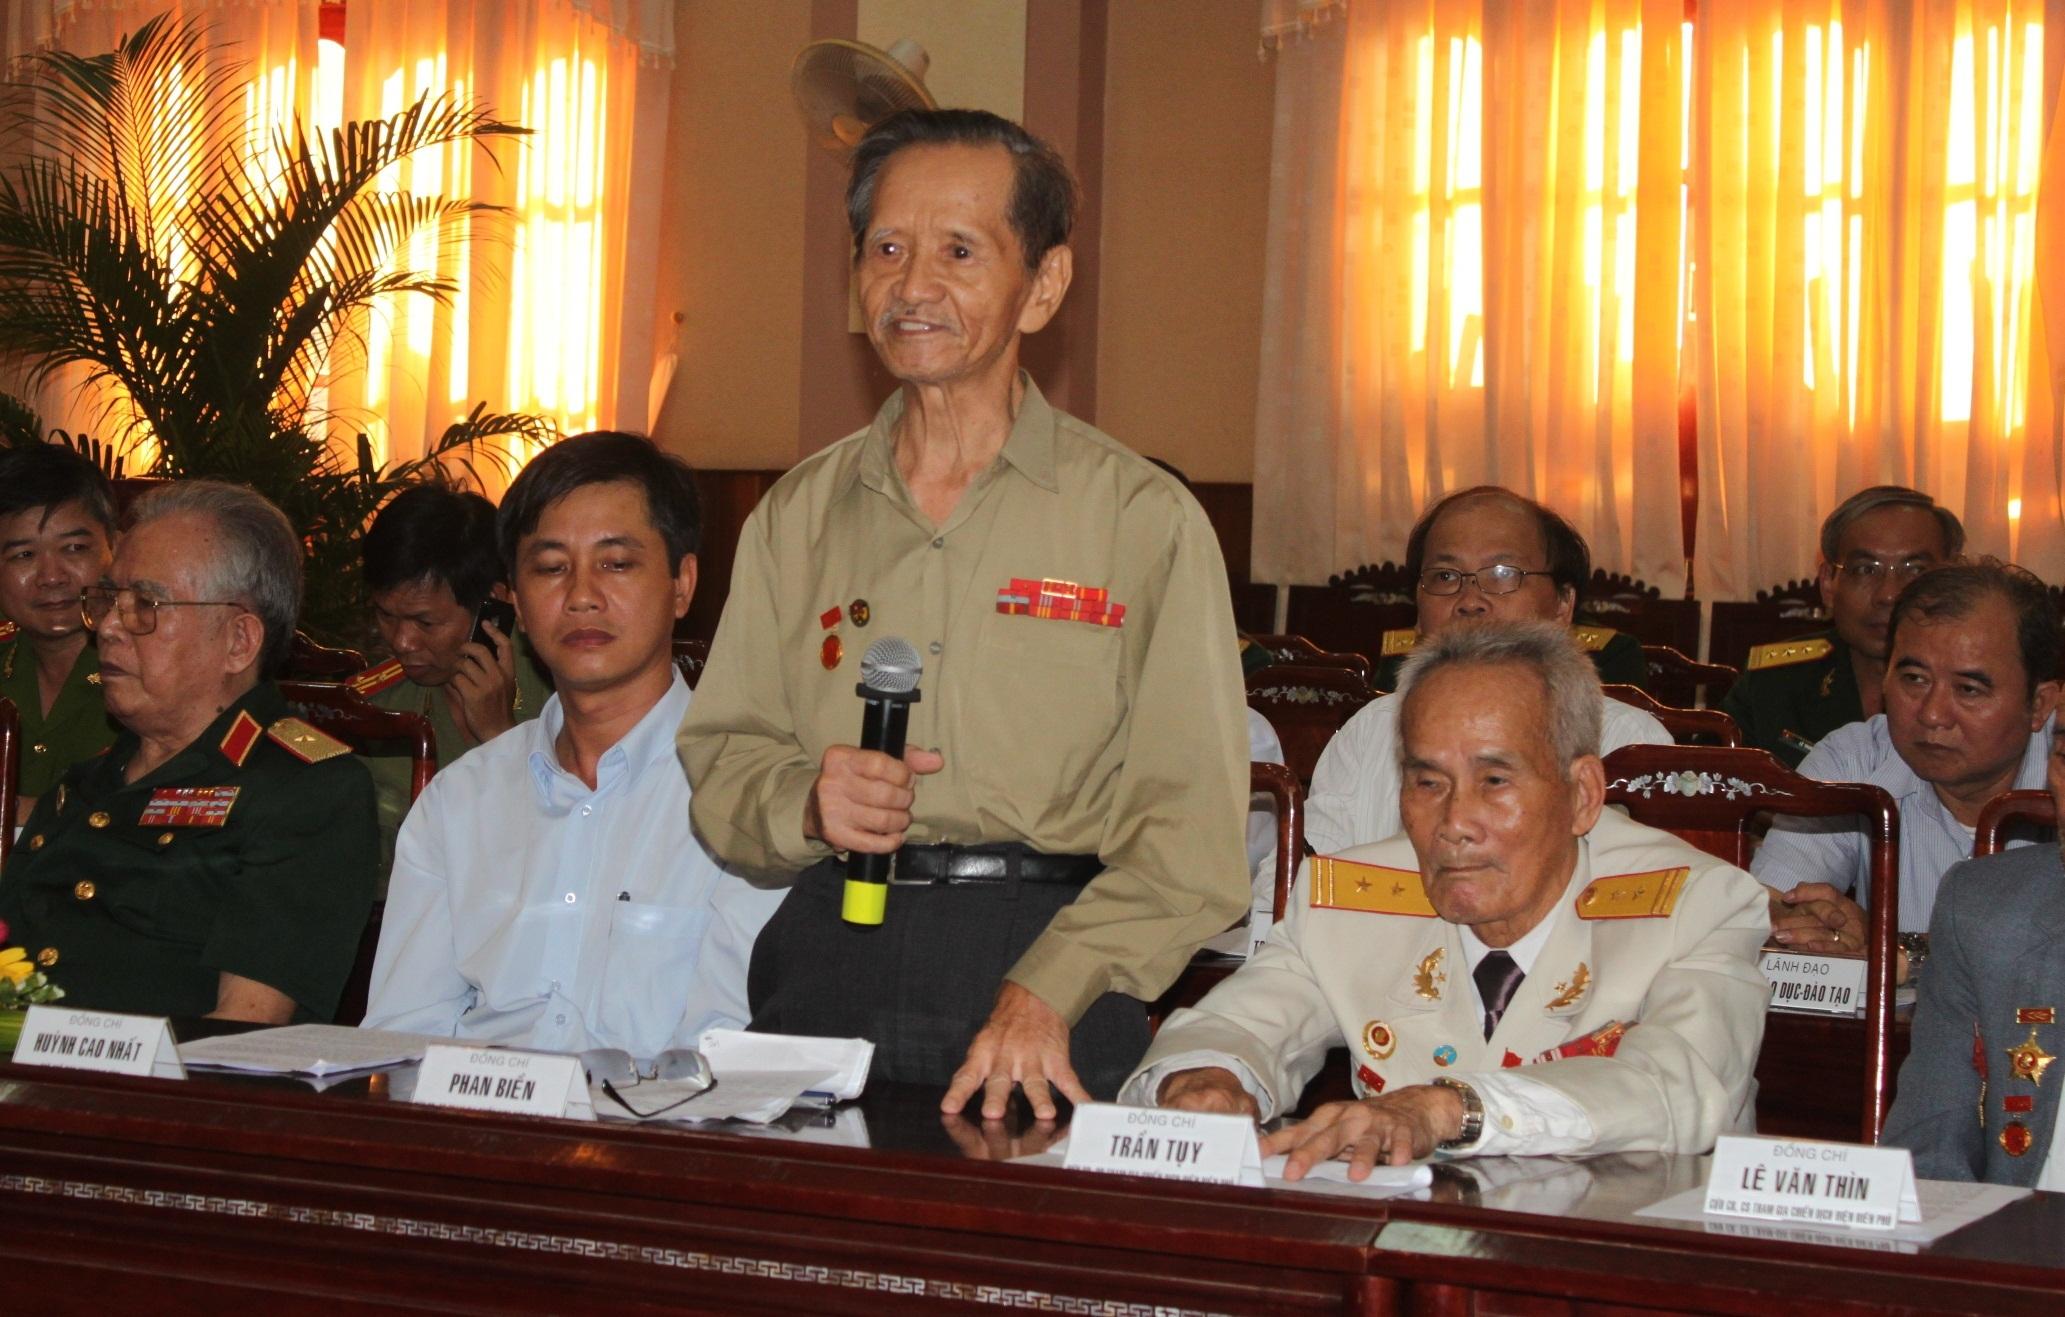 Cựu chiến binh Trần Tụy, cựu chiến sĩ Điện Biên phát biểu tham luận